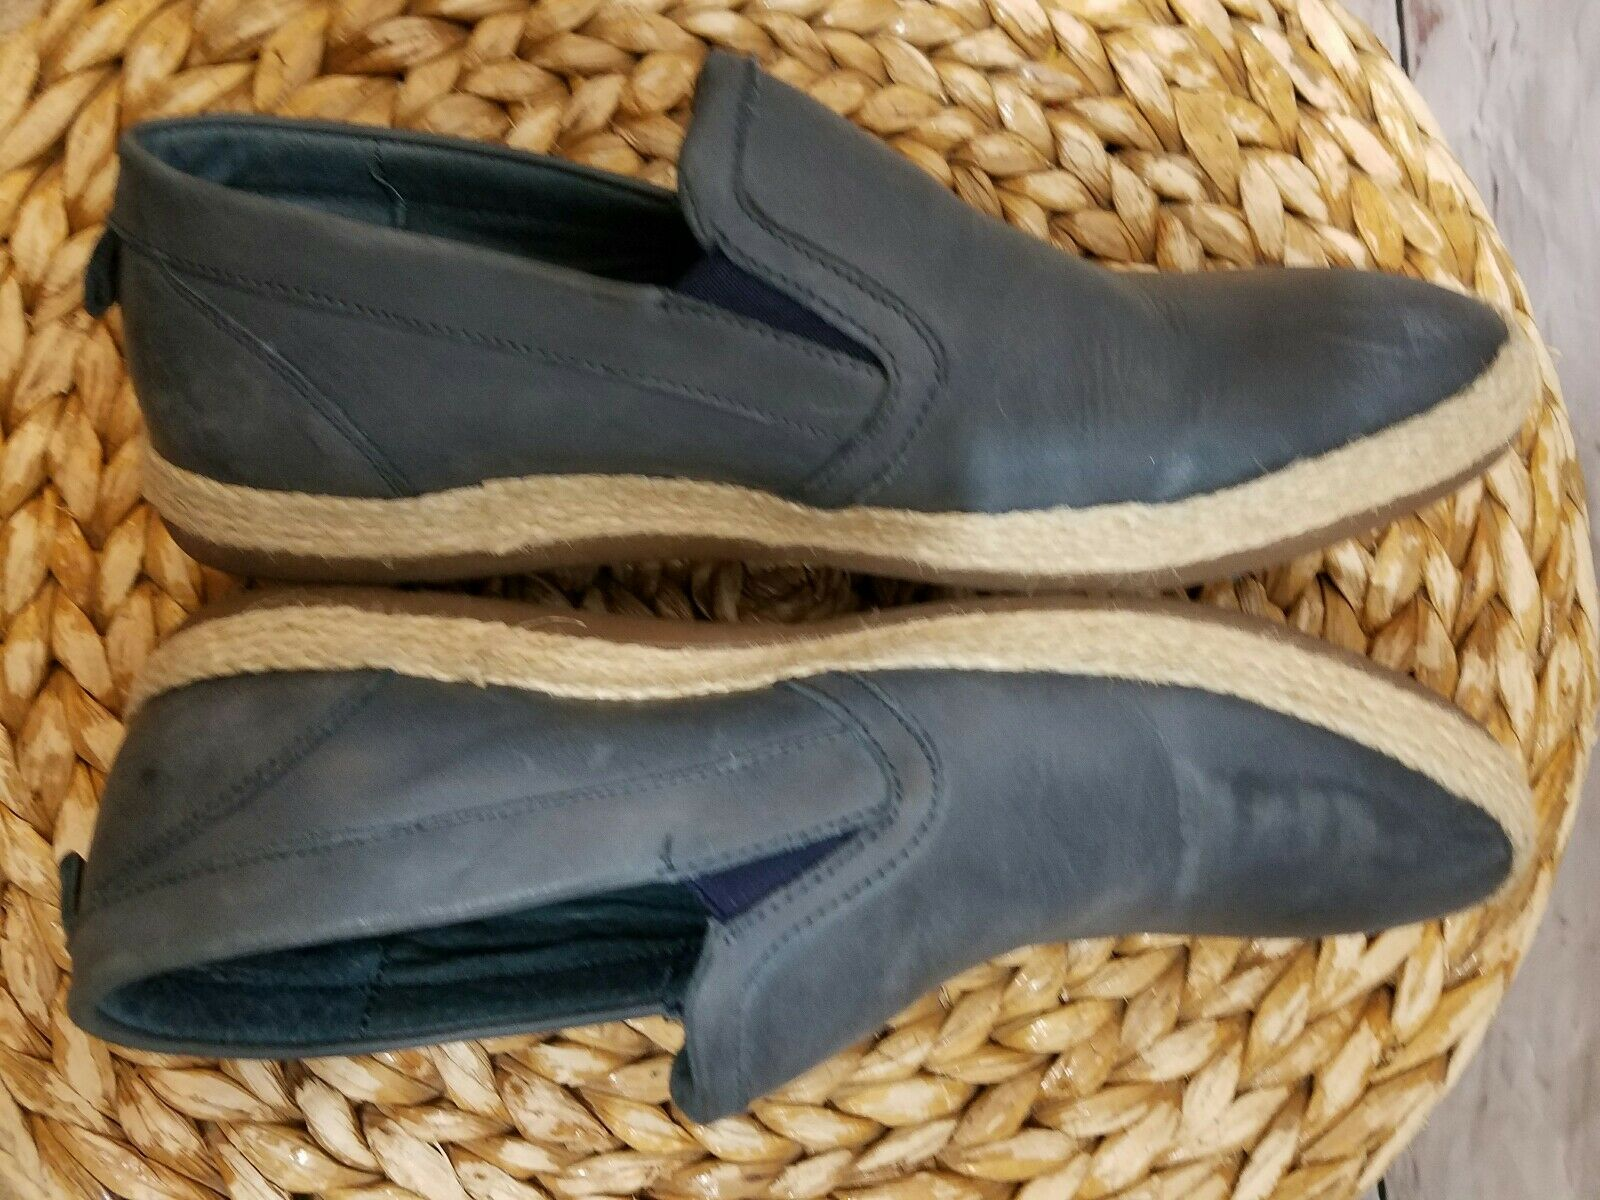 Joe's Jeans Waker shoes Men's Size 10 Slip-On Espadrille Sneaker Leather bluee